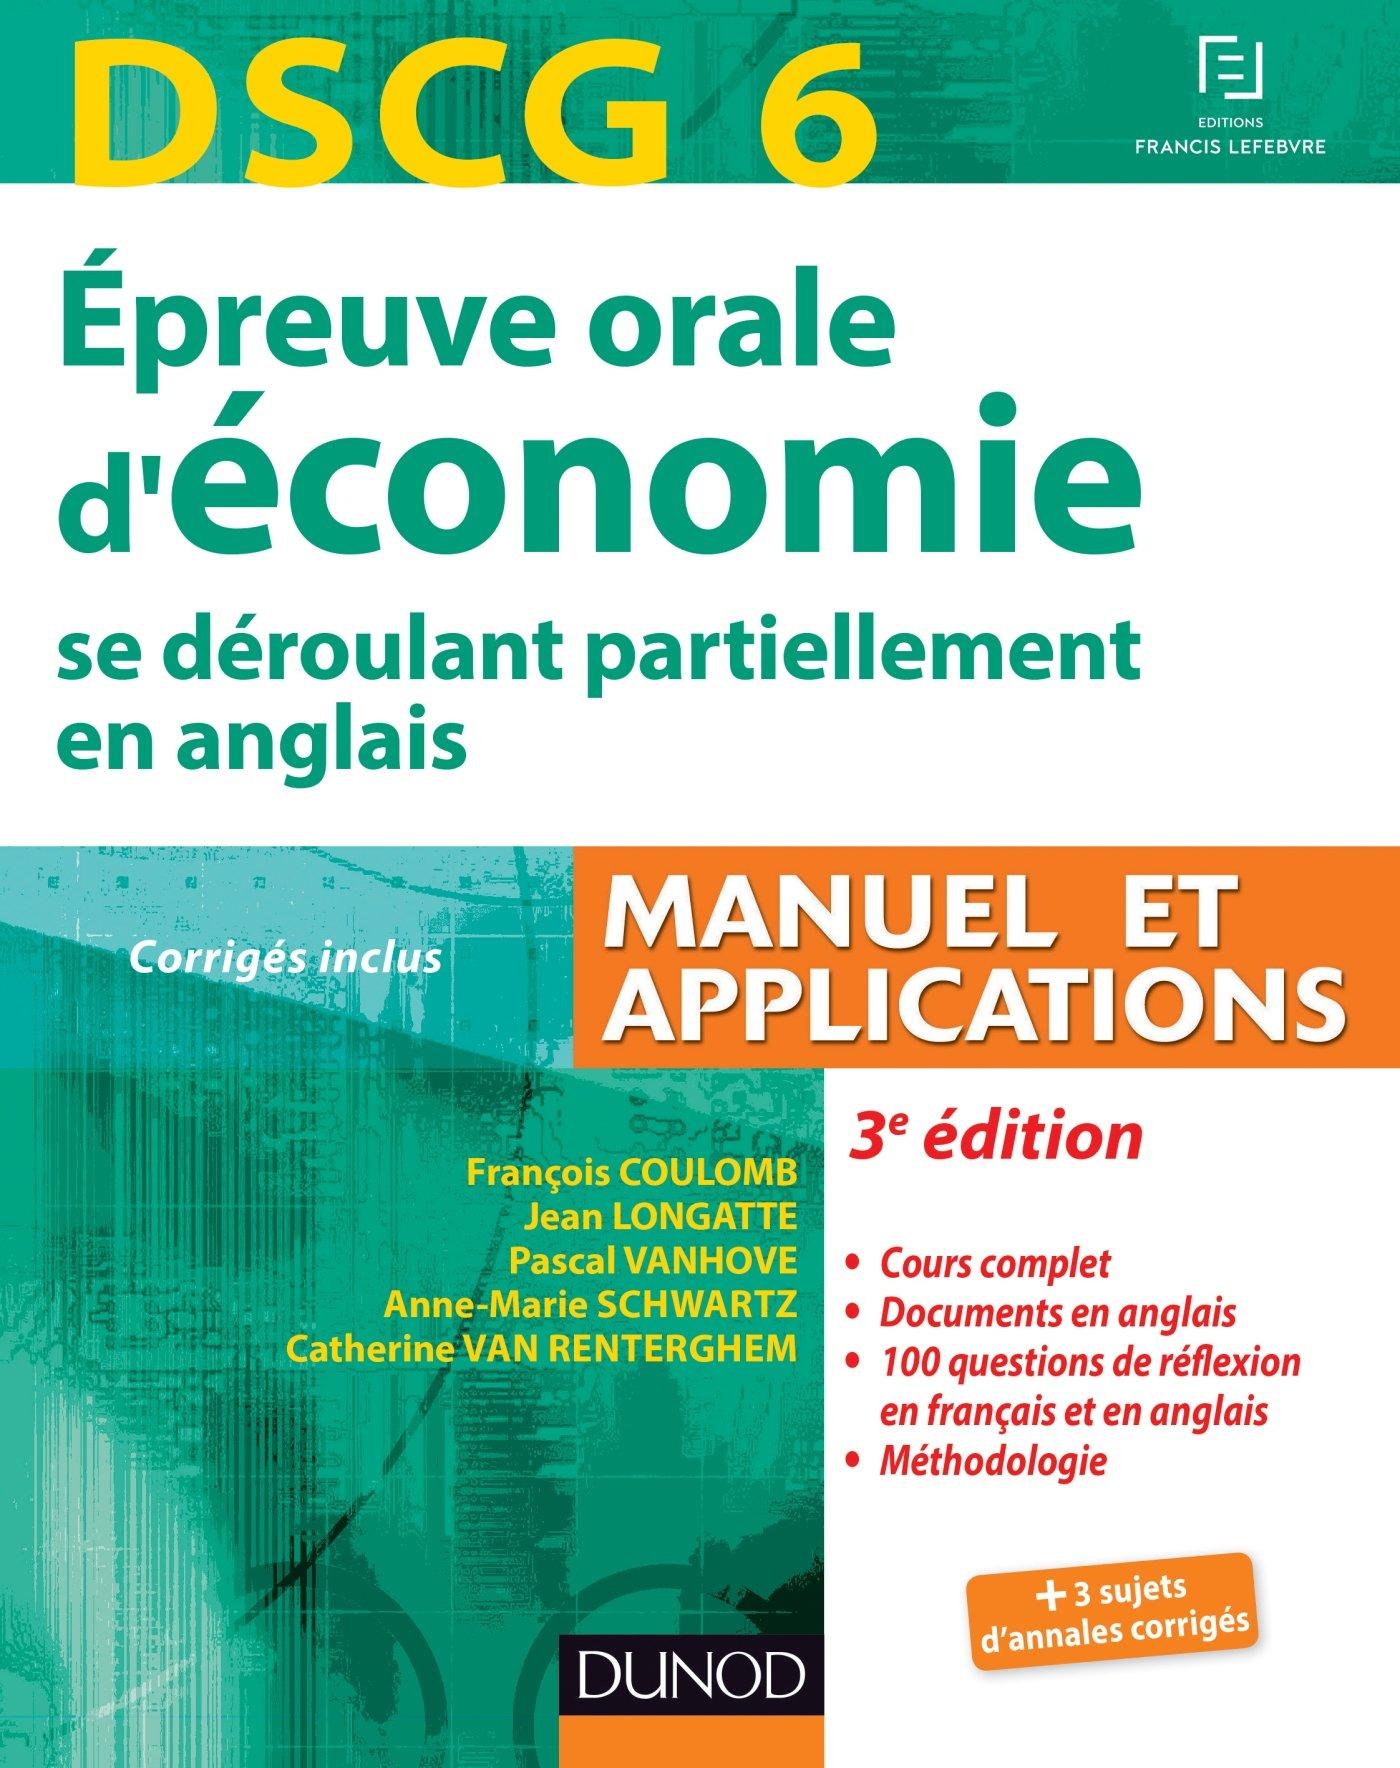 Dissertation d economie et corriges spartan women pomeroy essay